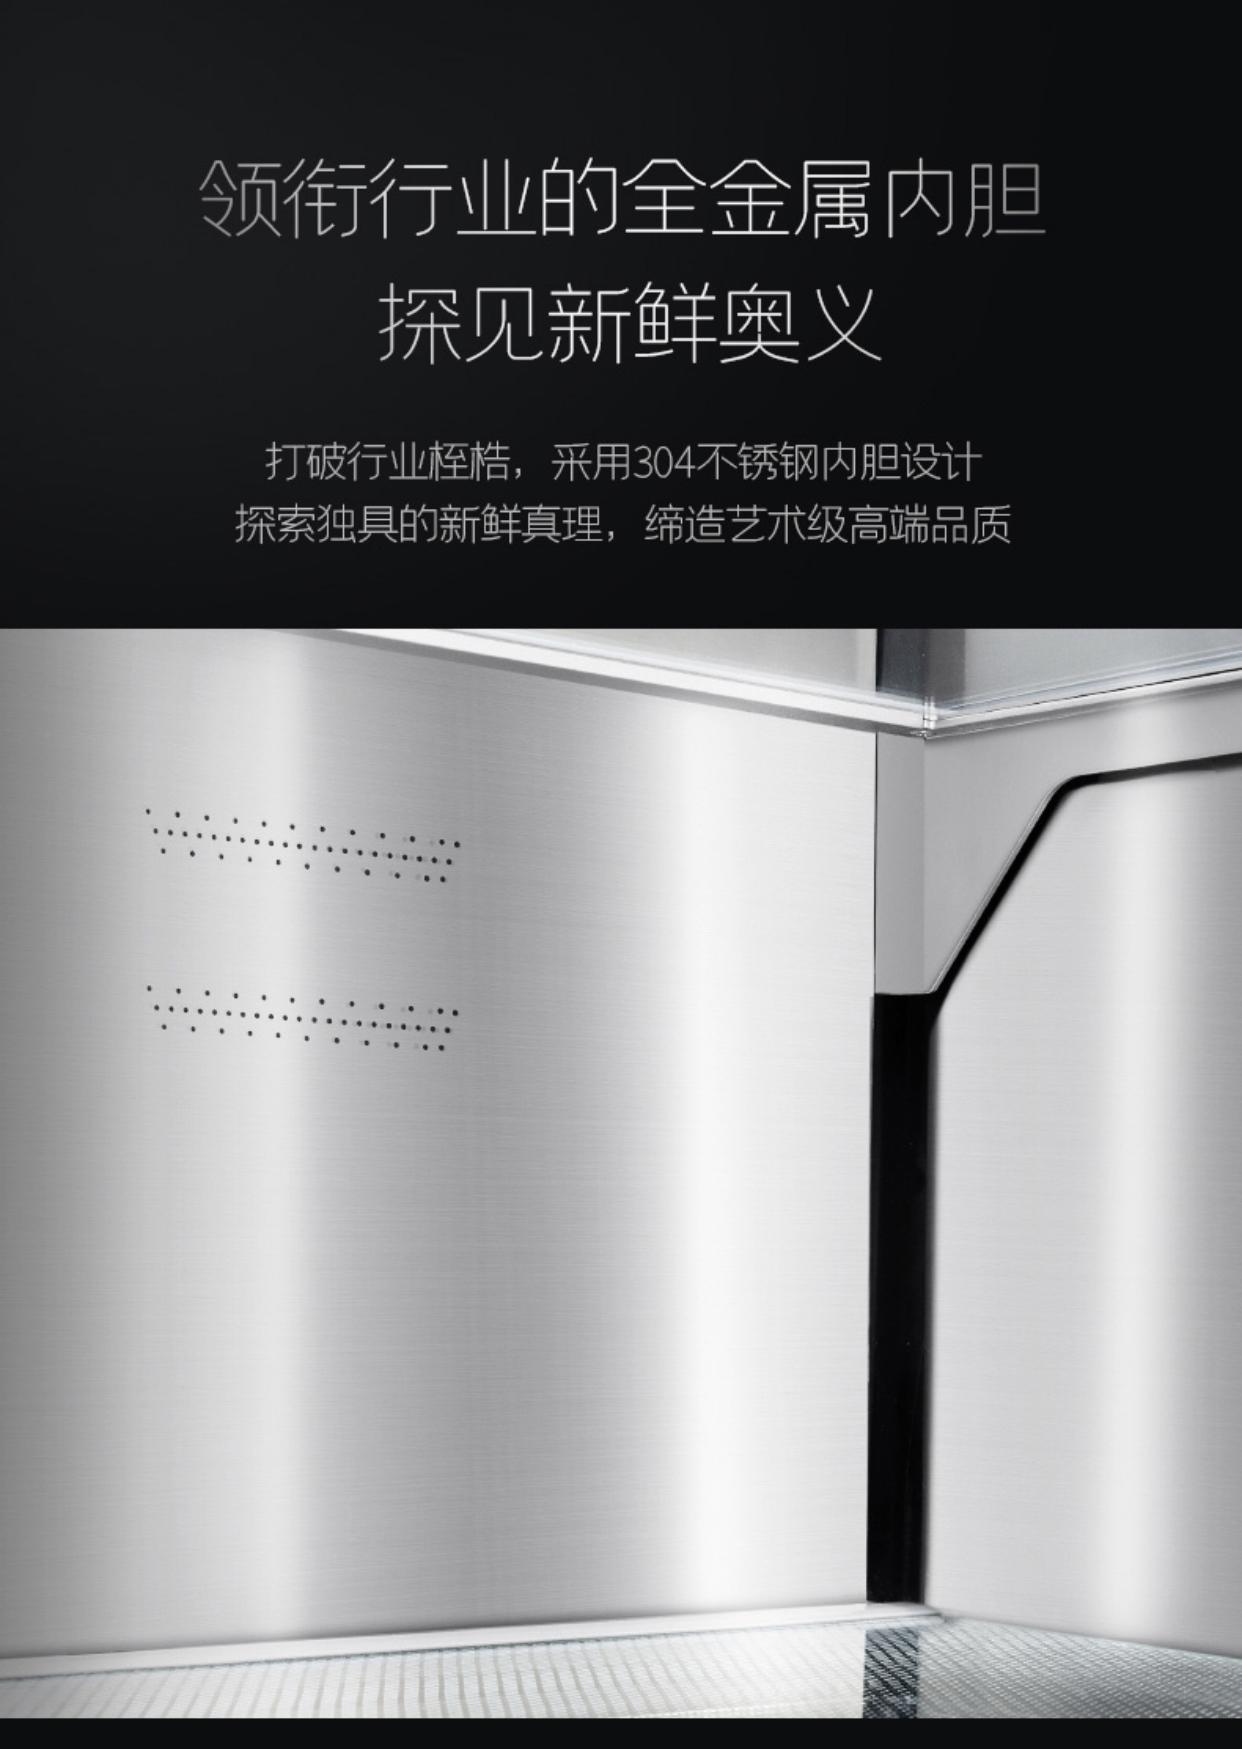 行业首款全金属内胆冰箱诞生!海信冰箱构建健康饮食新生态